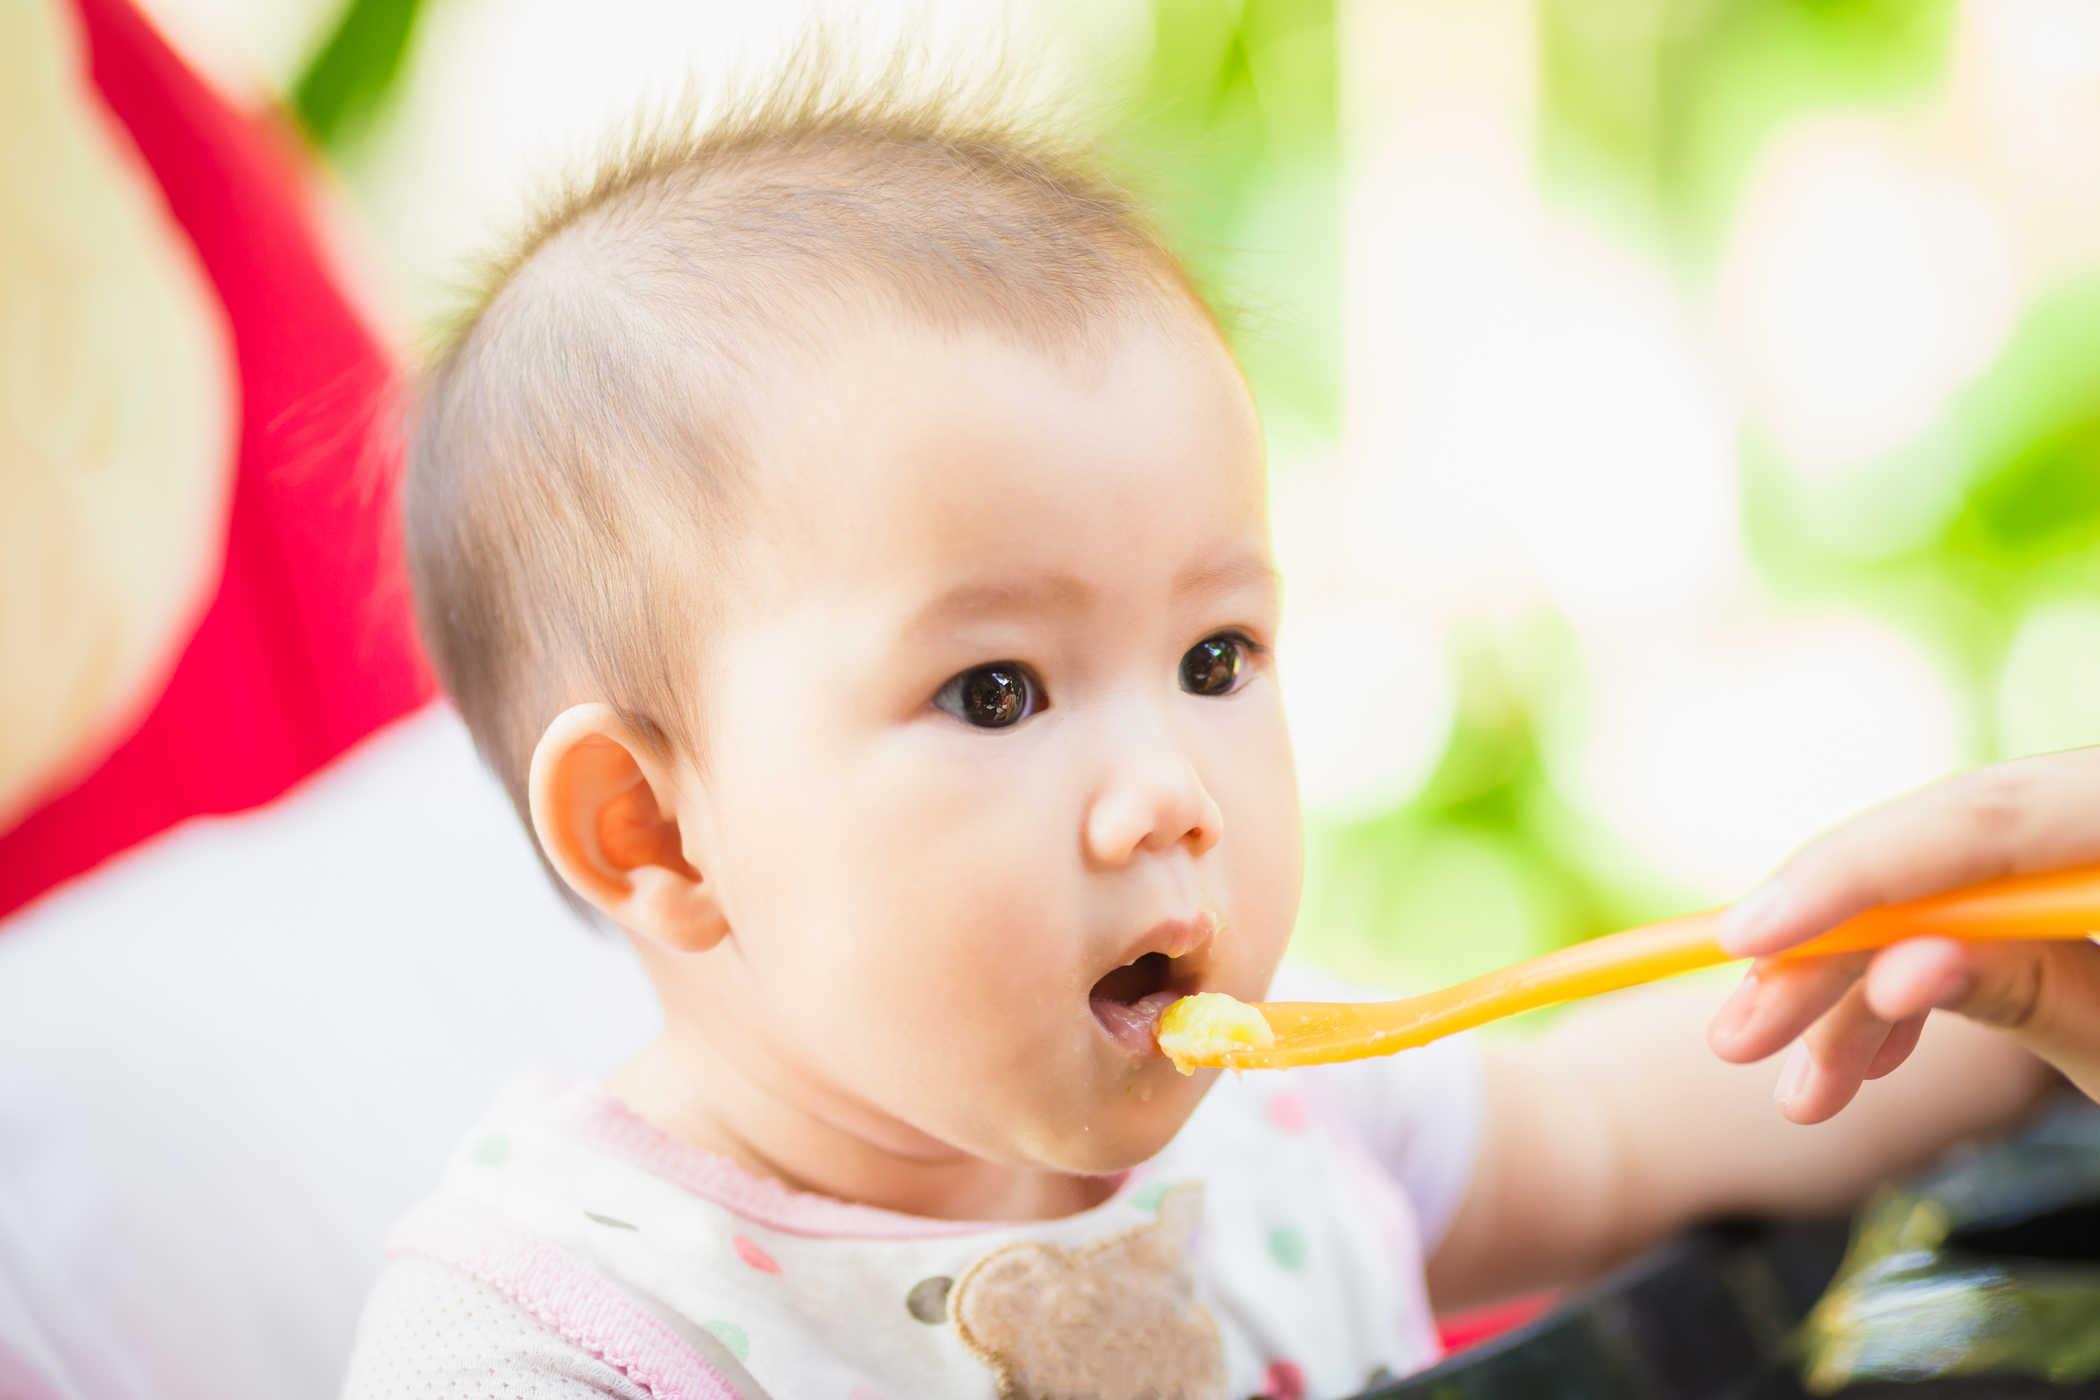 Hầu như tất cả các chất dinh dưỡng cần thiết cho não và các bộ phận khác của cơ thể đều được cung cấp bởi hệ tiêu hóa